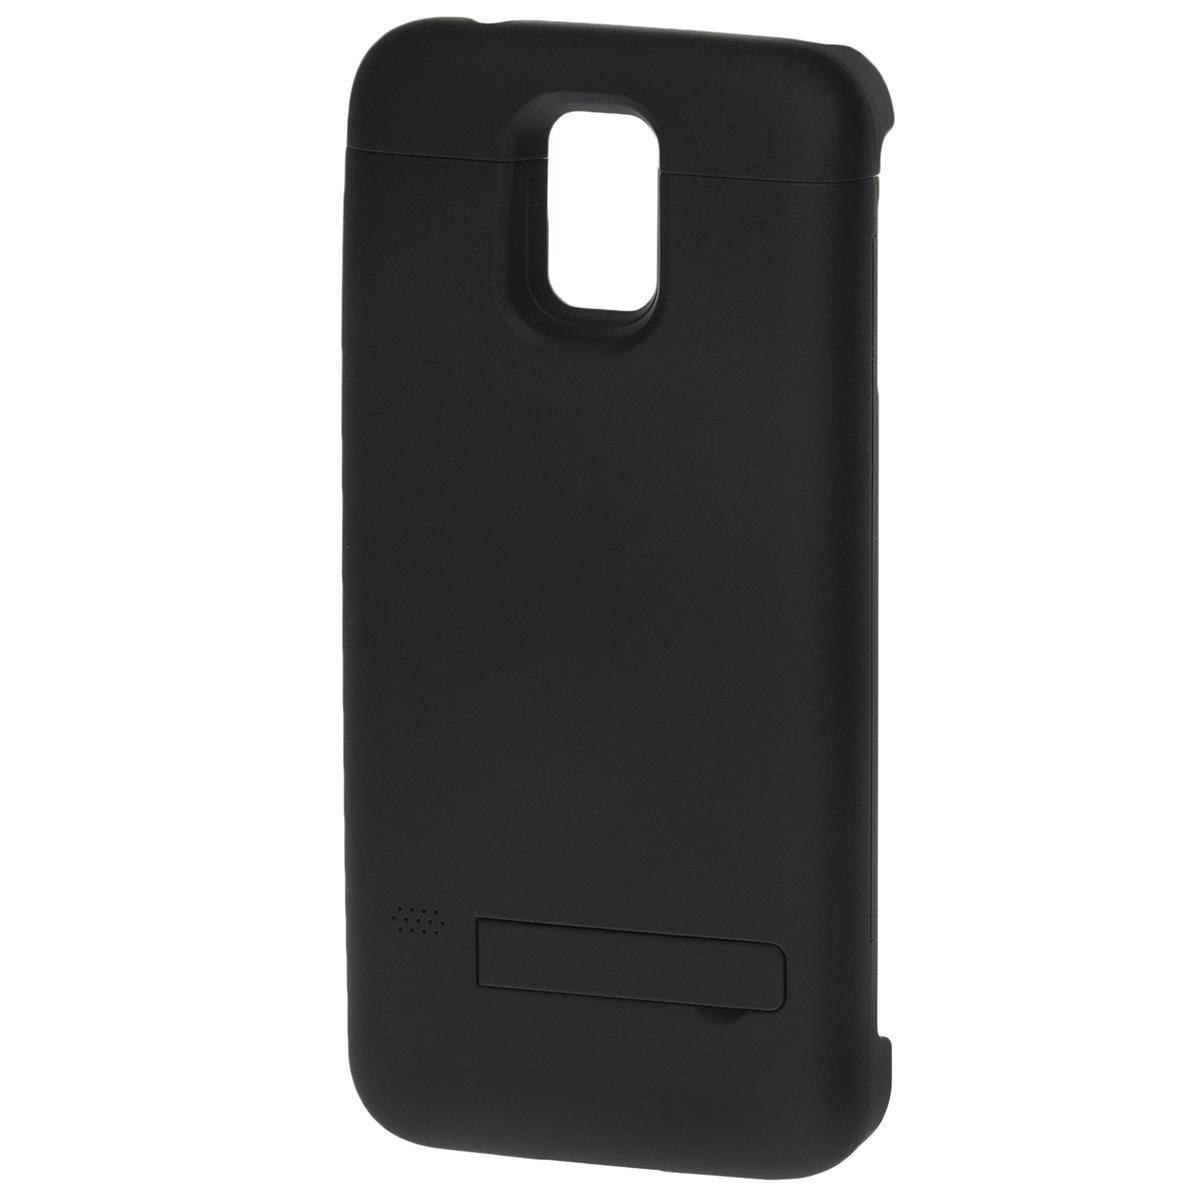 EXEQ HelpinG-SC08 чехол-аккумулятор для Samsung Galaxy S5, Black (3300 мАч, клип-кейс)HelpinG-SC08 BLExeq HelpinG-SС08 – универсальный аксессуар, благодаря которому ваш смартфон не только будет надежно защищен, но и обеспеченсвоевременной подзарядкой! Exeq HelpinG-SС08 выполнен из прочного прорезиненного пластика, который надежно защитит смартфон от ударов,царапин и загрязнений. Встроенный аккумулятор емкостью в 3300 мАч обеспечит своевременную подзарядку батареи смартфона в самыенеобходимые моменты его использования.Также чехол Exeq HelpinG-SС08 оборудован встроенной подставкой, которая позволит надежно закрепить телефон в горизонтальном положении,например для просмотра видео, чтения электронных книг. Заряжается чехол-аккумулятор Exeq HelpinG-SС08 от зарядного устройства телефона,причем заряжать оба устройства можно не извлекая телефон из чехла. Так для зарядки телефона просто подсоедините зарядное устройства кчехлу и нажмите кнопку питания на чехле, а для зарядки чехла просто подсоедините зарядное устройство к нему. Аналогично происходит иподключение телефона к компьютеру – чехол-аккумулятор Exeq HelpinG обеспечивает идеальную передачу данных между смартфоном и другимиэлектронными устройствами.